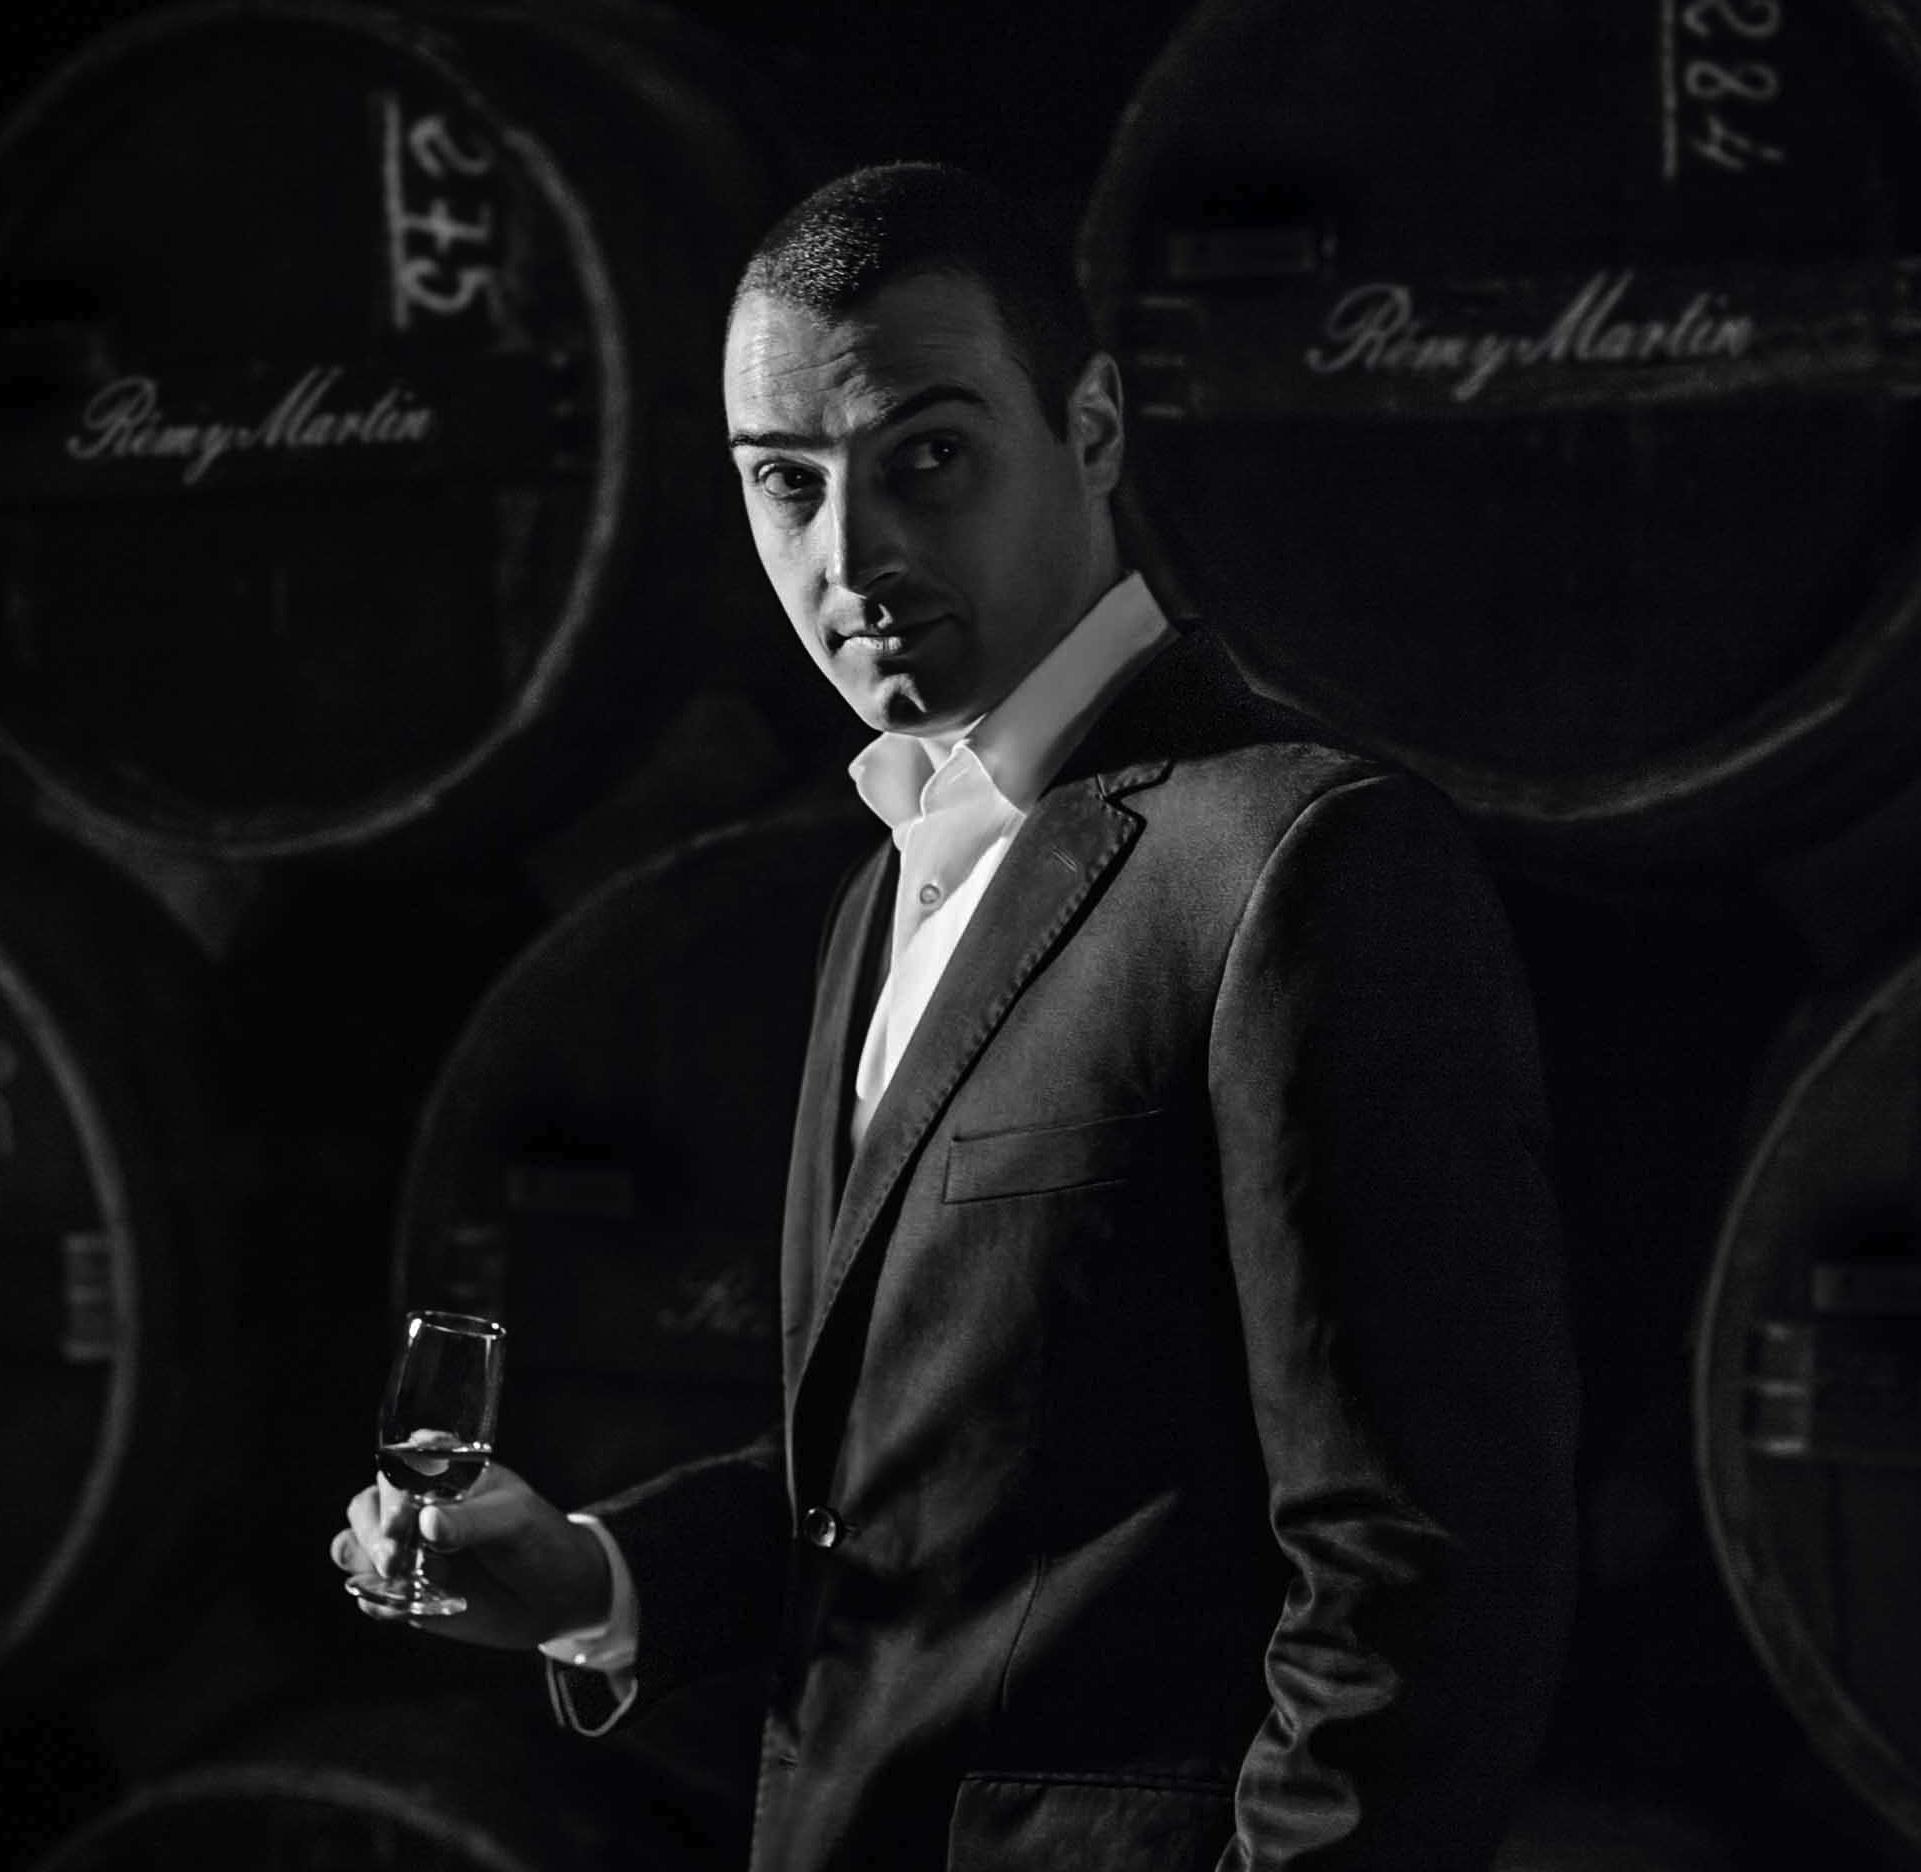 Rémy Martin Tercet: An Artisan Approach to Cognac